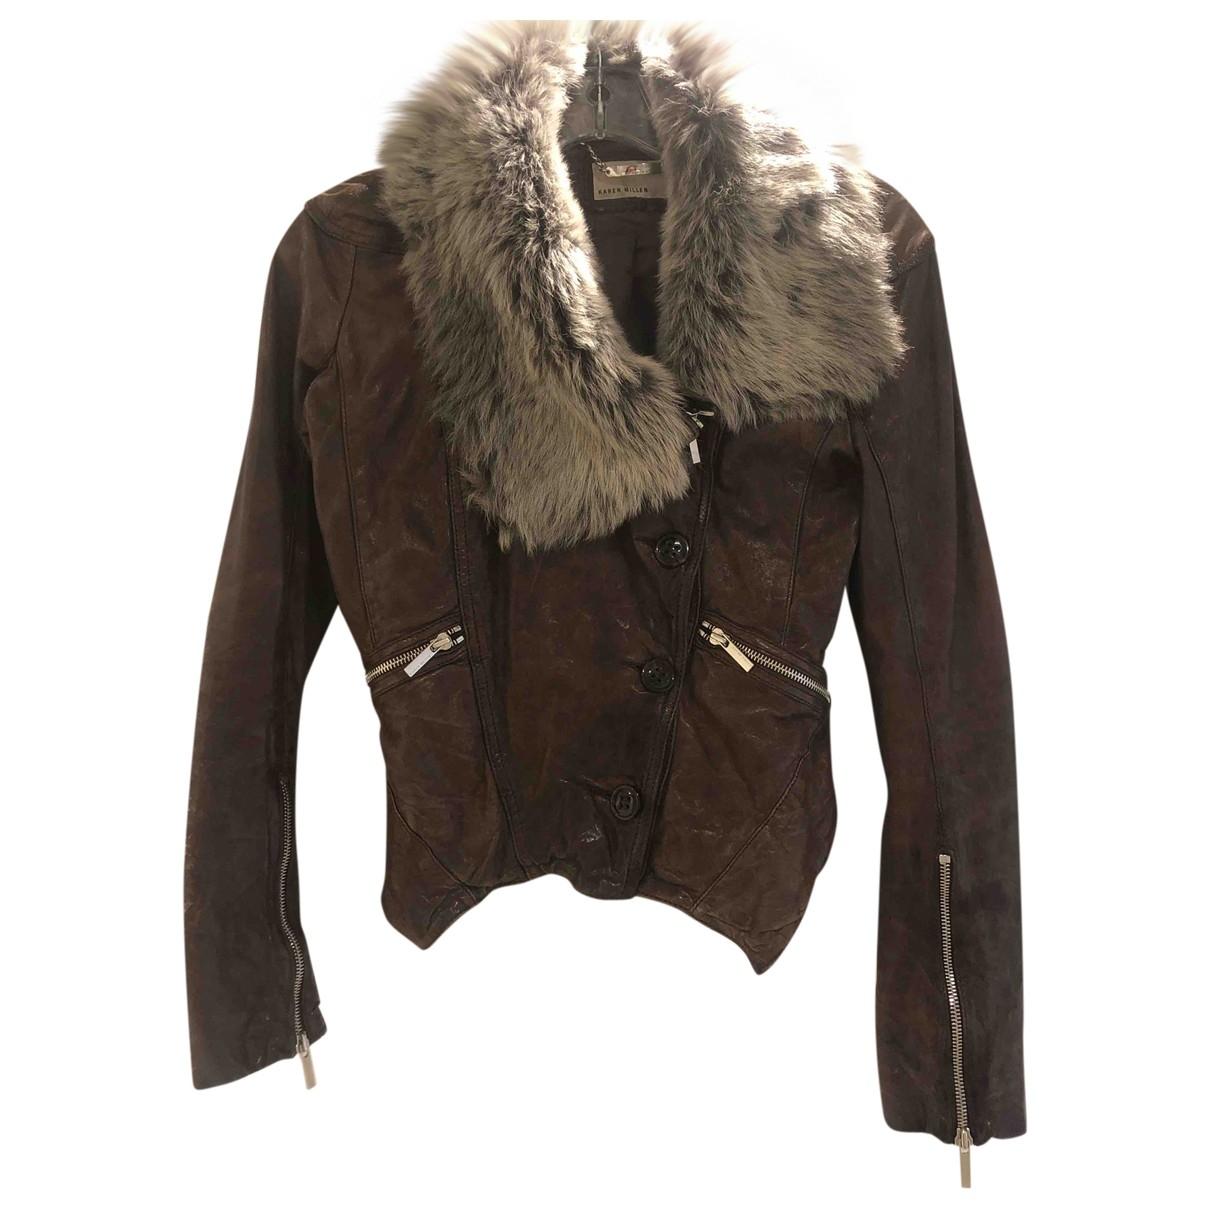 Karen Millen \N Brown Leather jacket for Women 6 UK